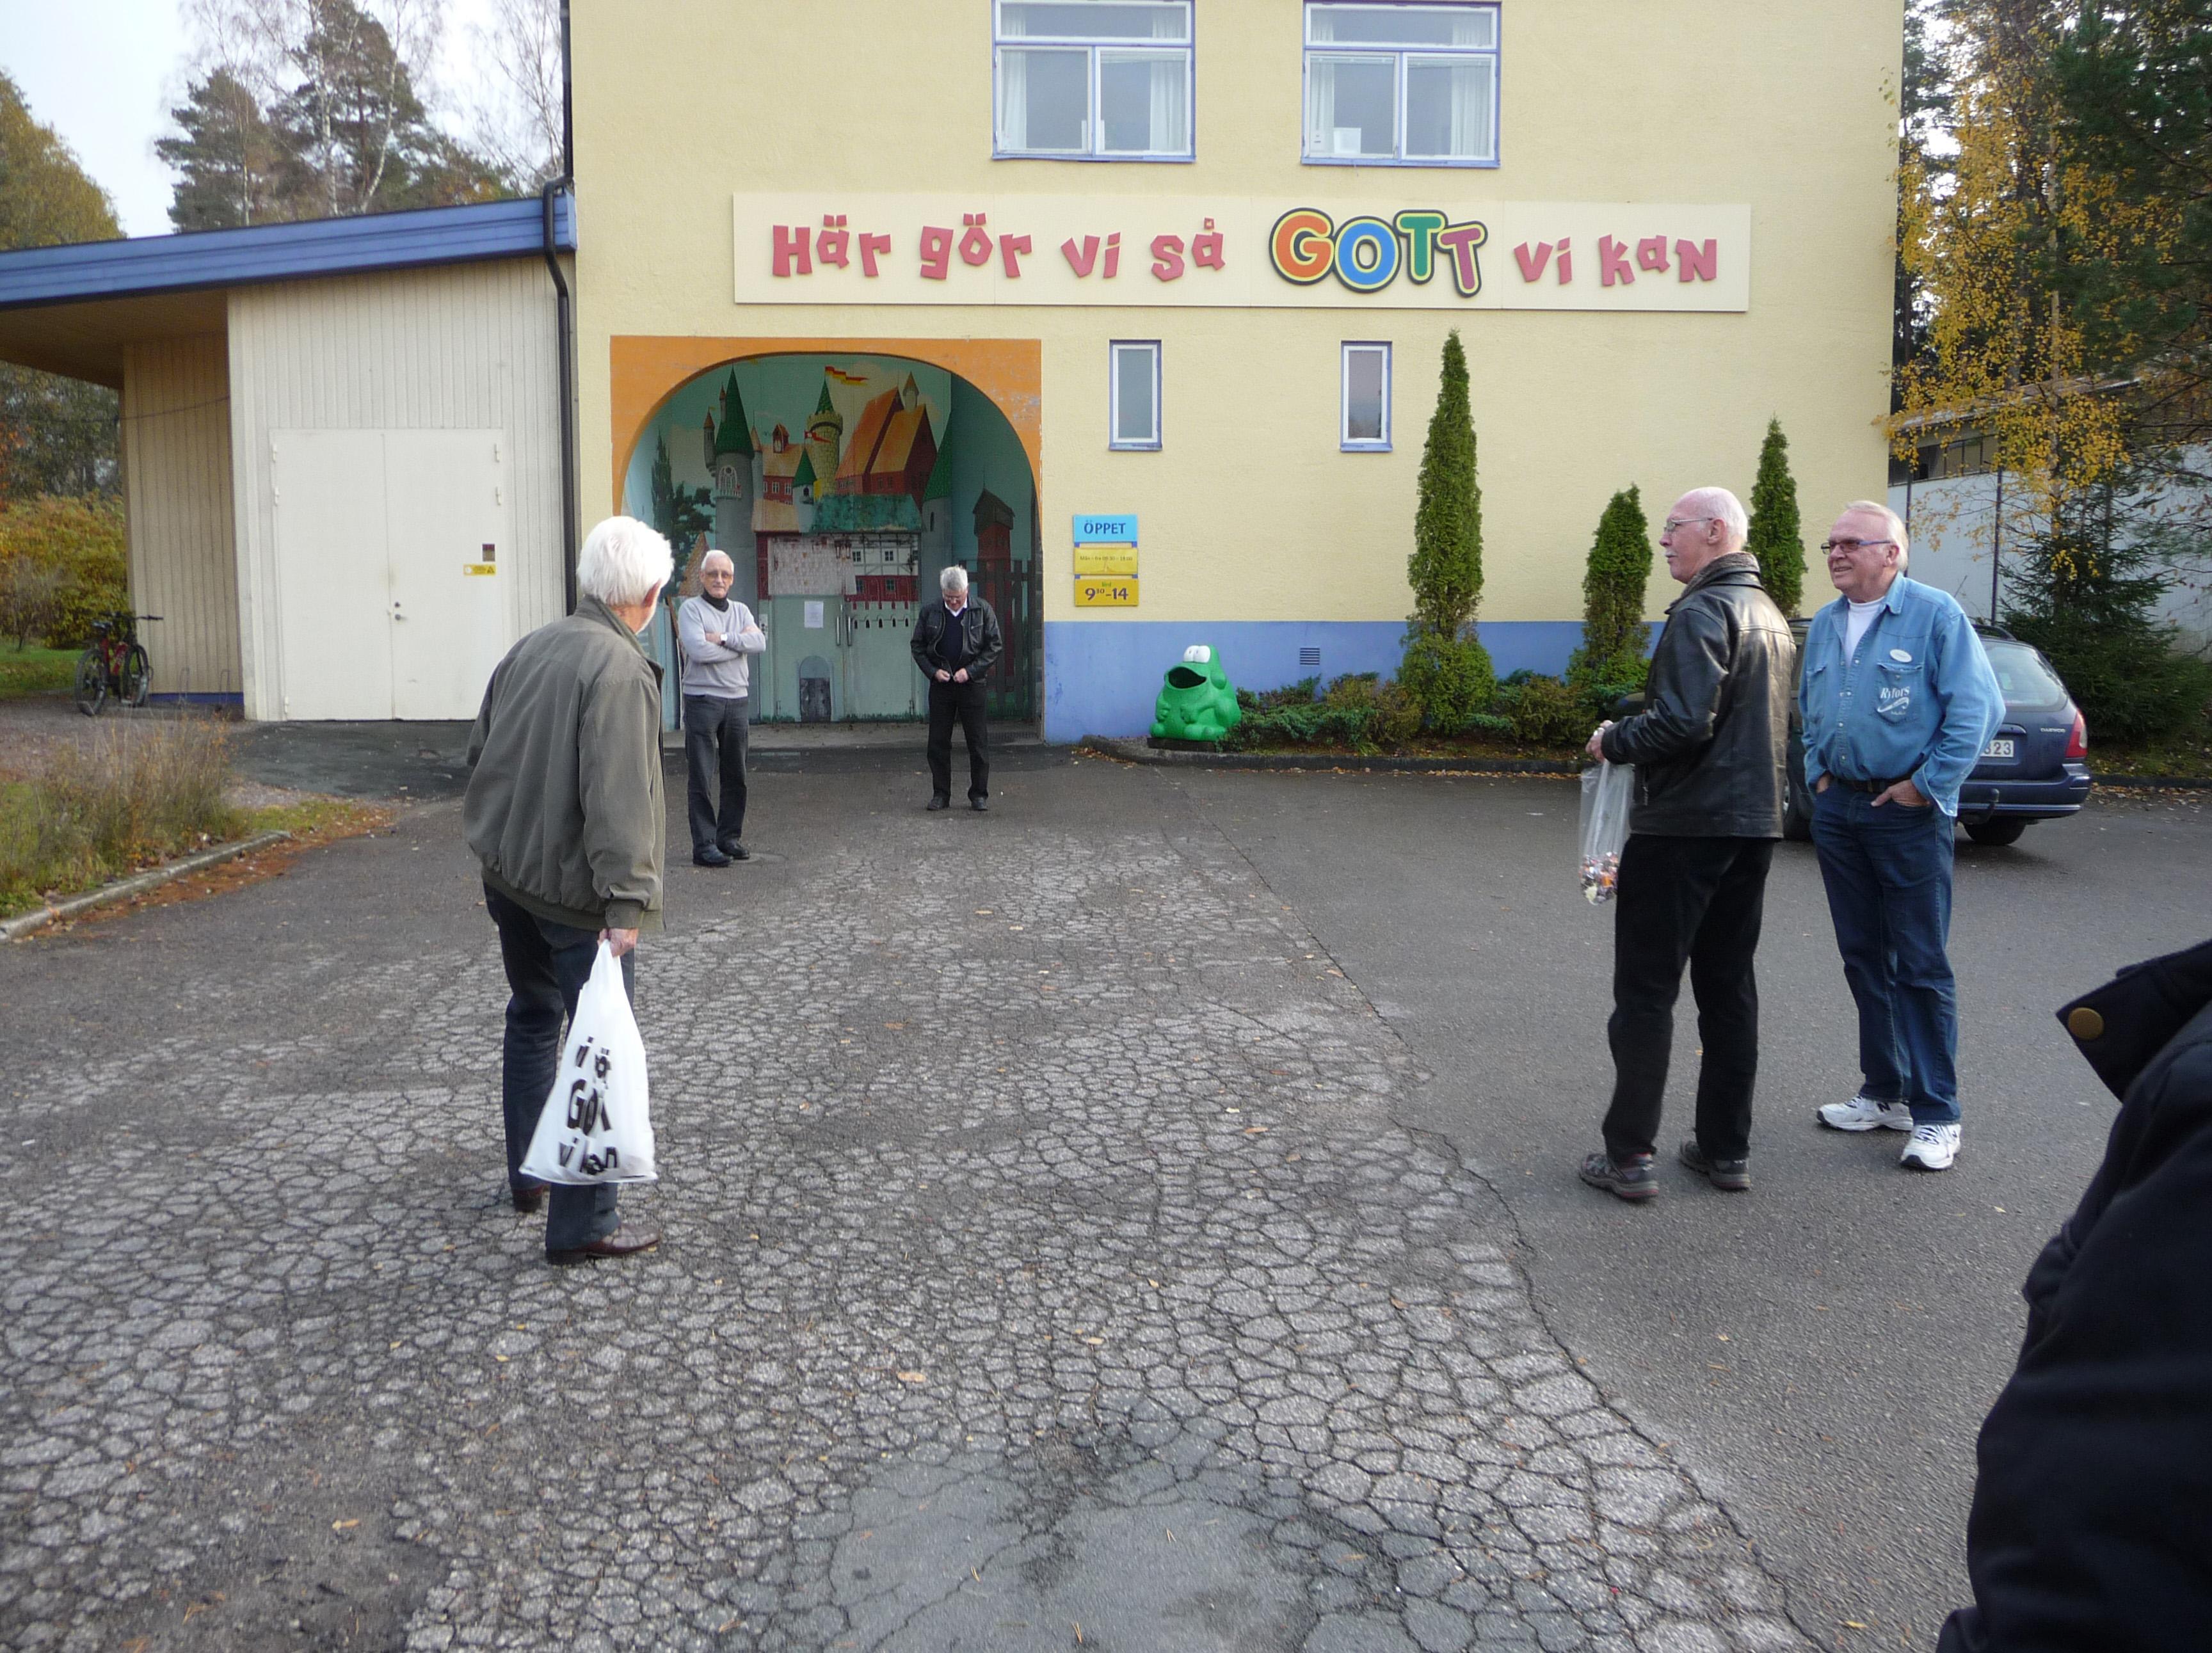 2011 Tändsticksmuseet i Jönköping - 24